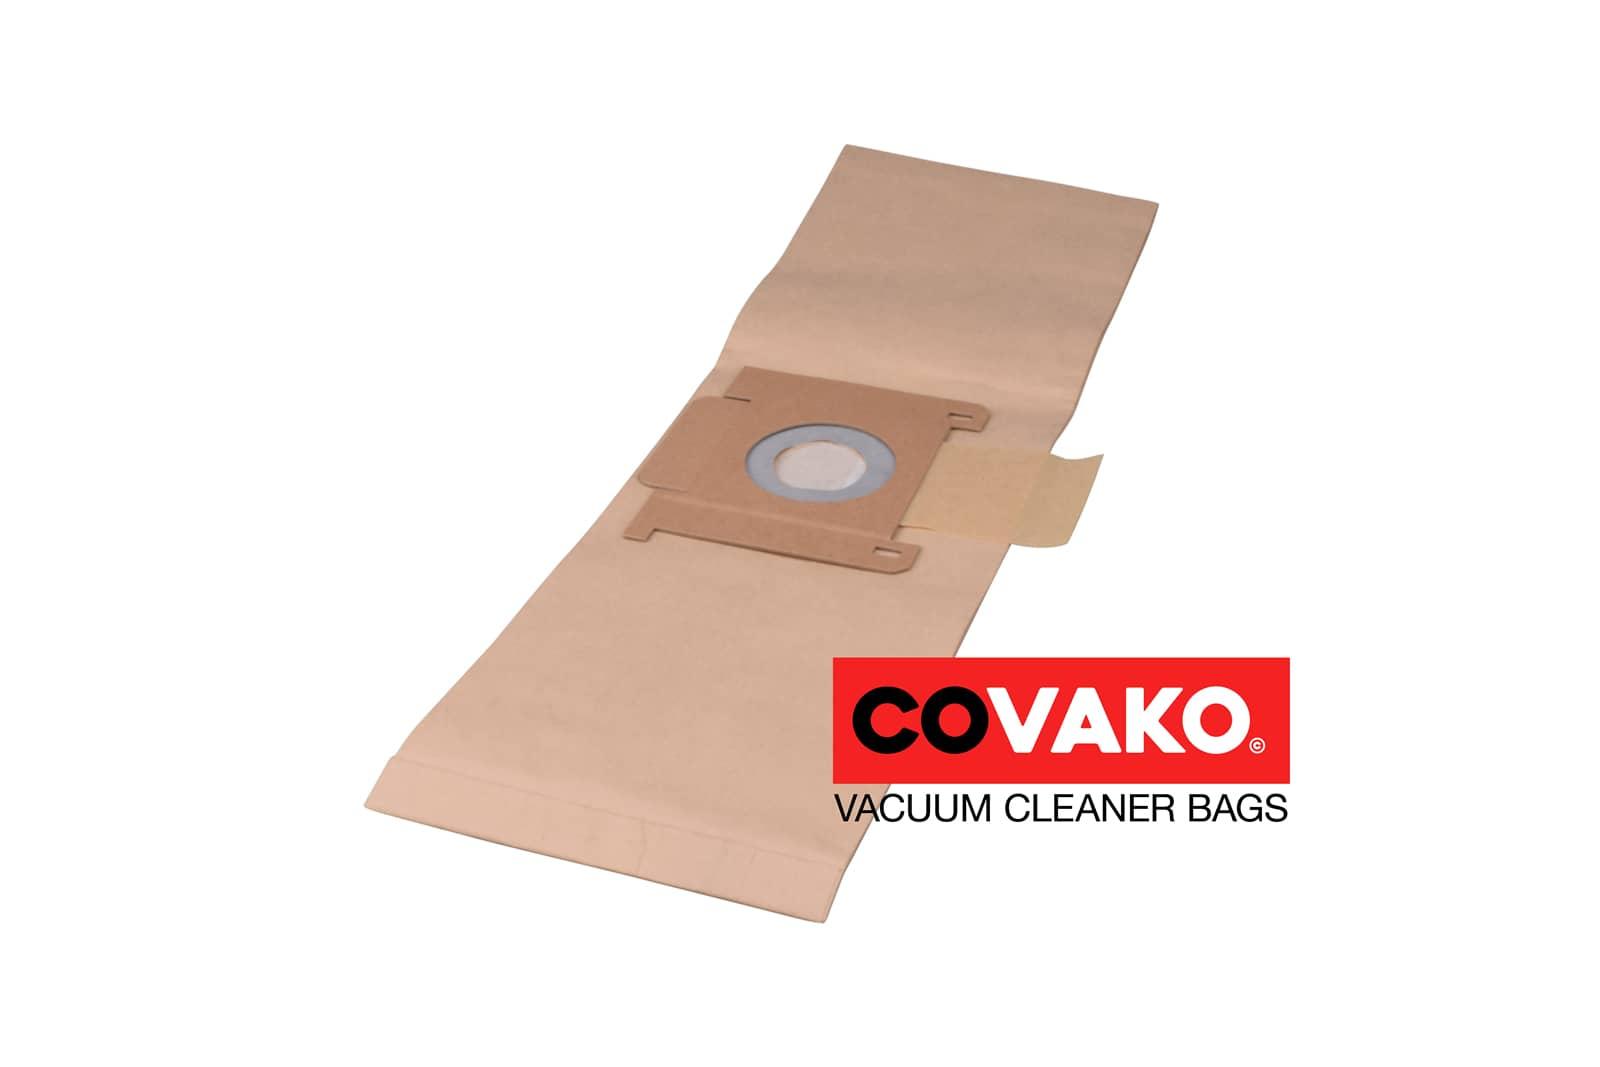 Kenter pur Q / Papier - Kenter stofzuigerzakken